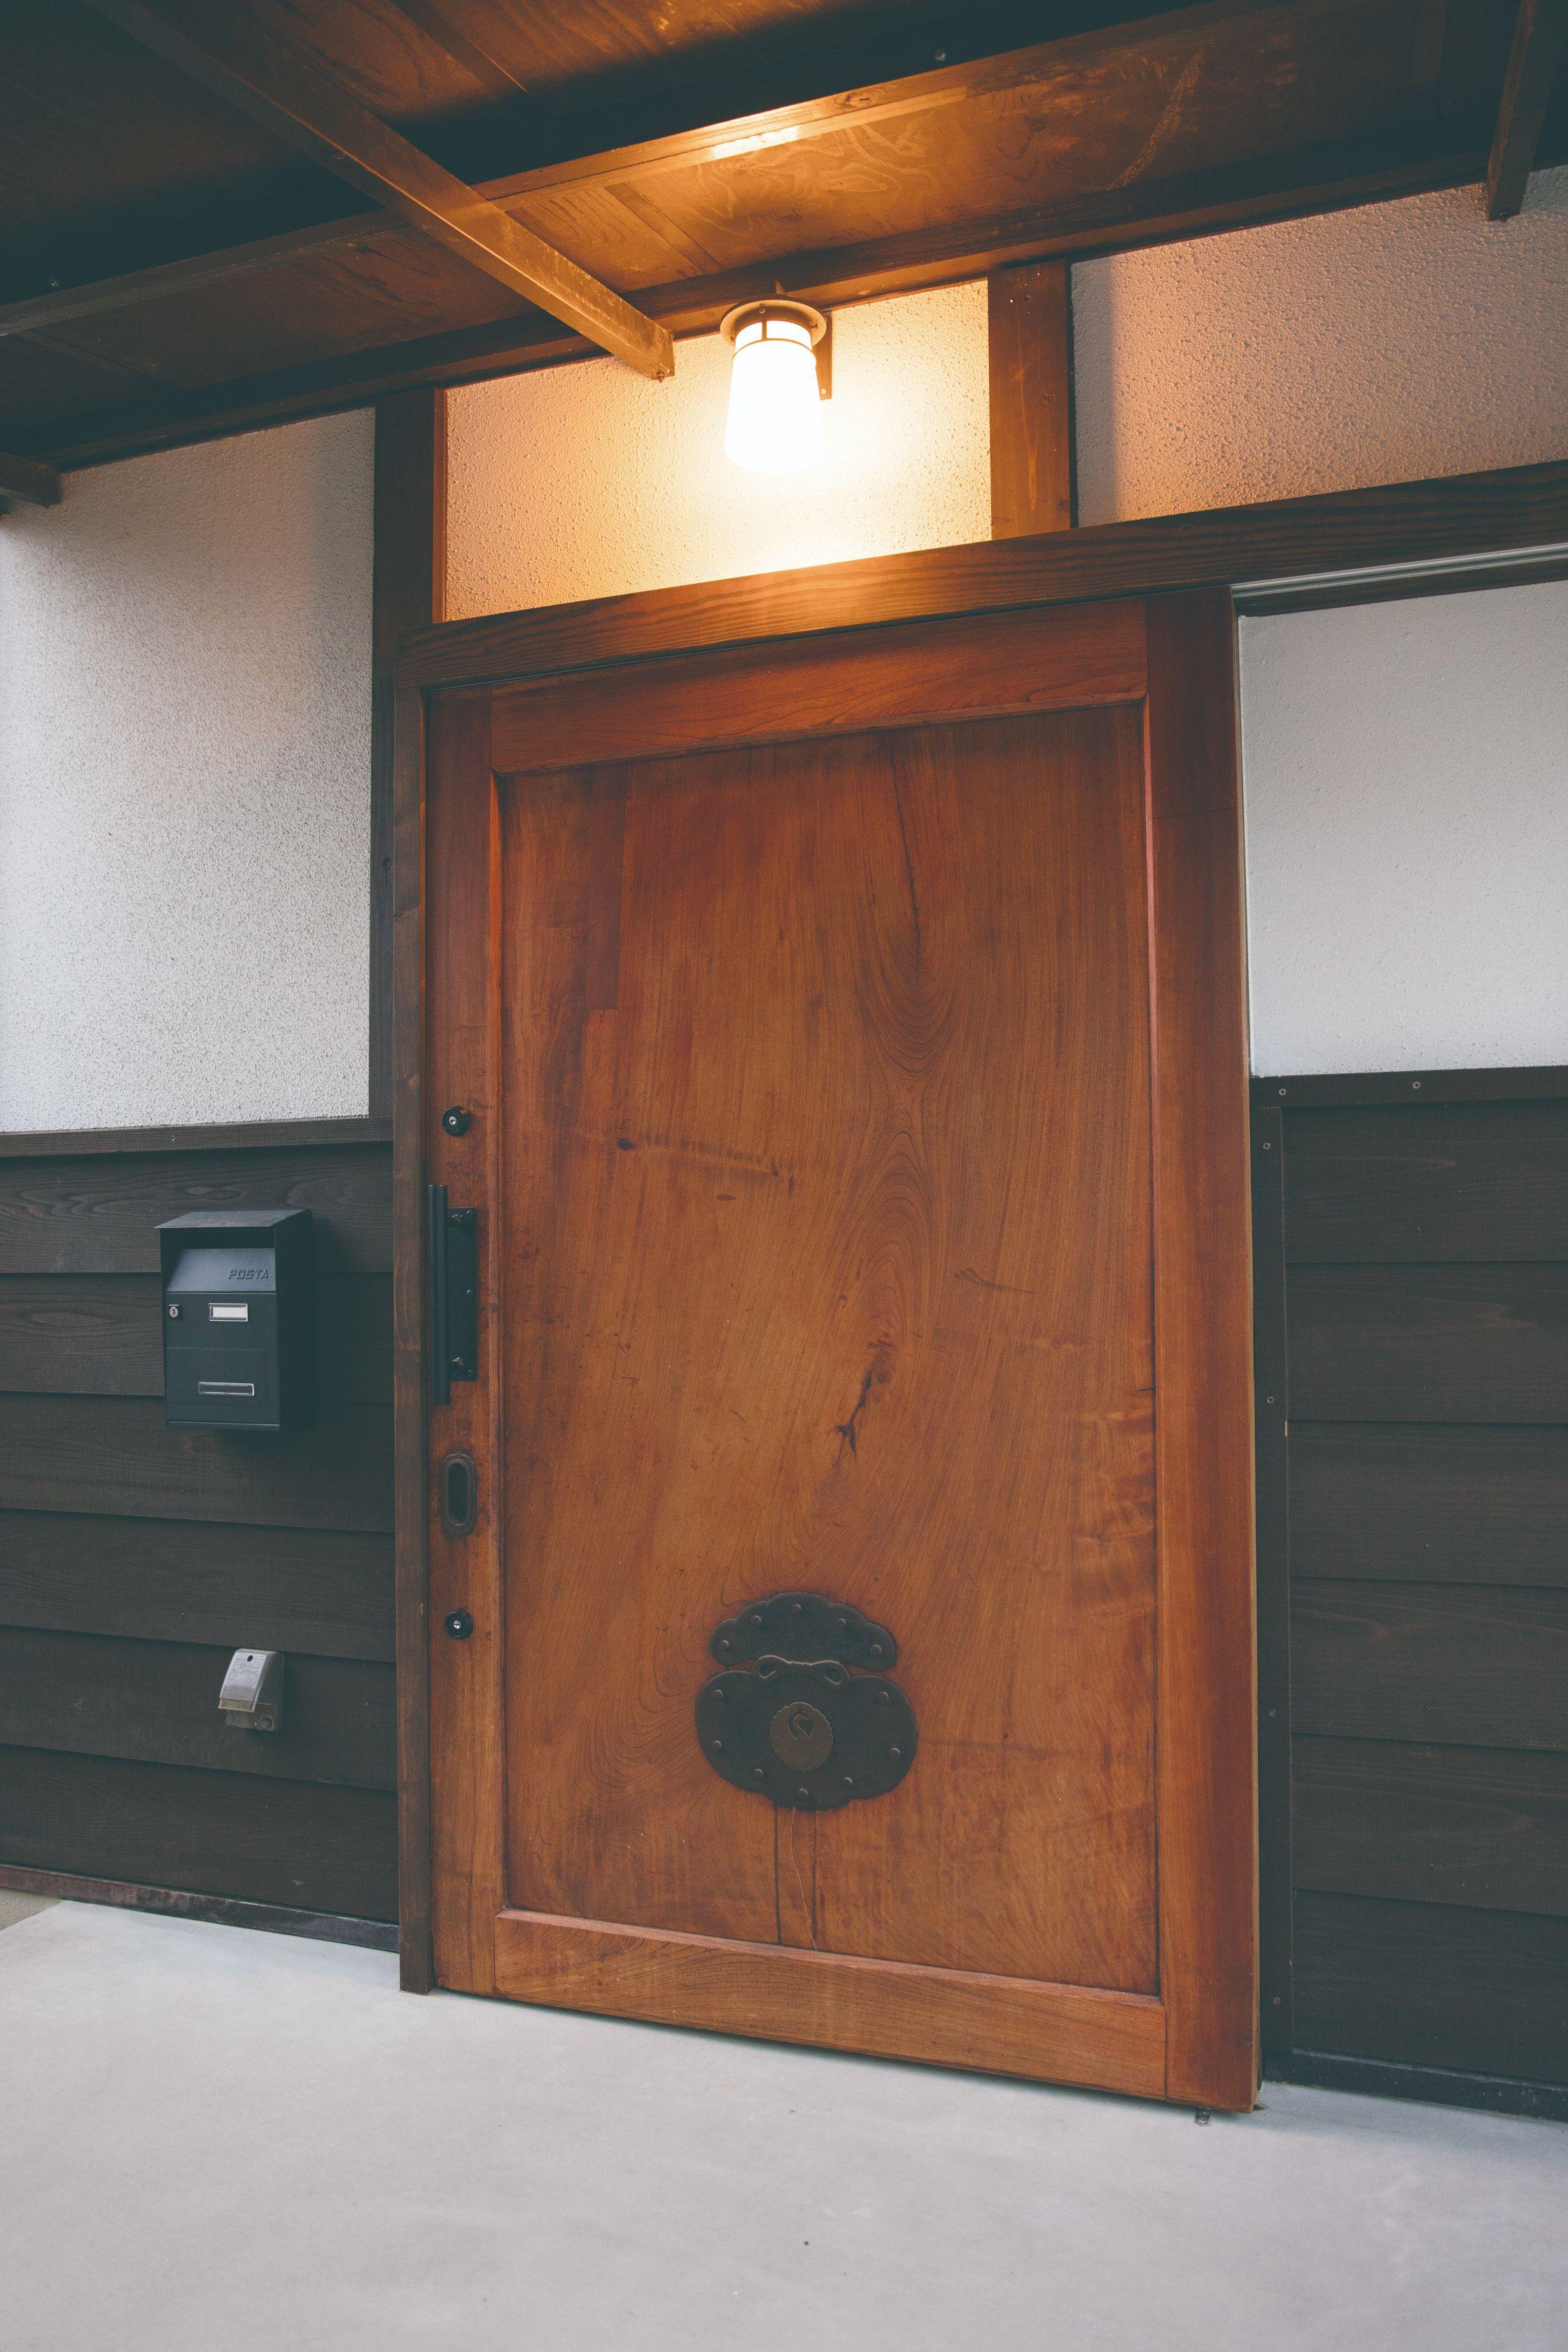 ケヤキの一枚板で造られた200年前の蔵戸を玄関扉に使用